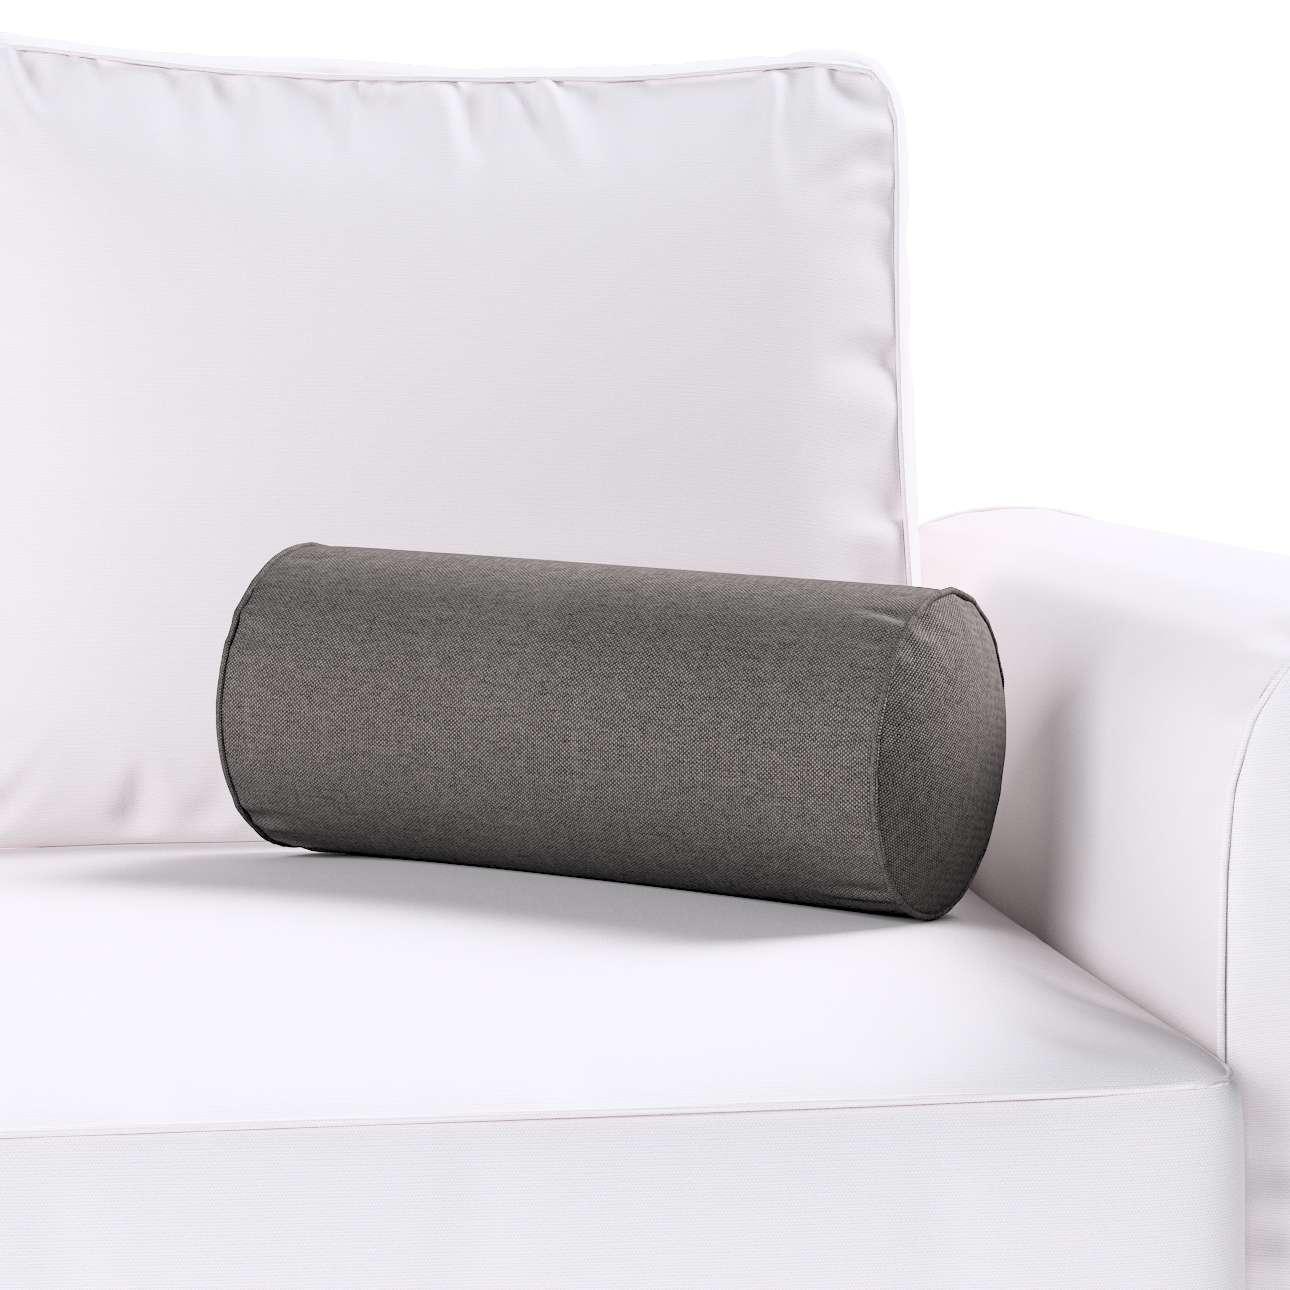 Ritinio formos  pagalvėlė Ø 16 x 40 cm (6 x 16 inch) kolekcijoje Etna , audinys: 705-35